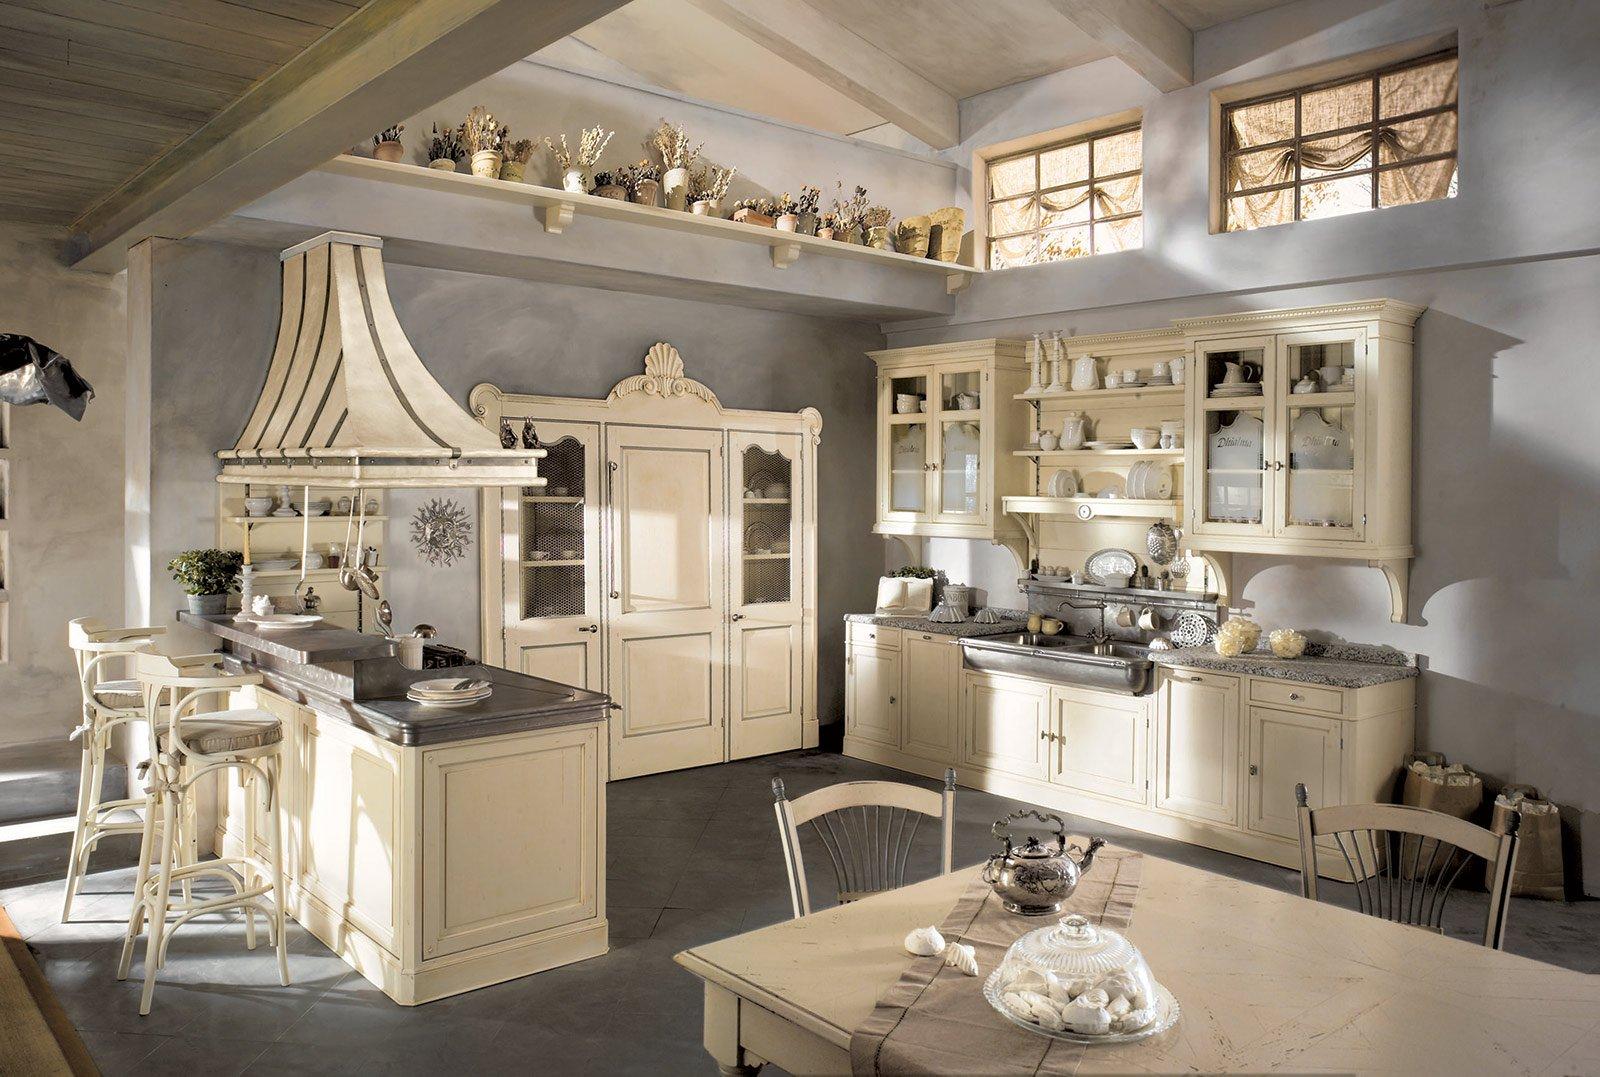 Cucine Marche With Cucine Marche Cucine Componibili - Marchi Cucine ...